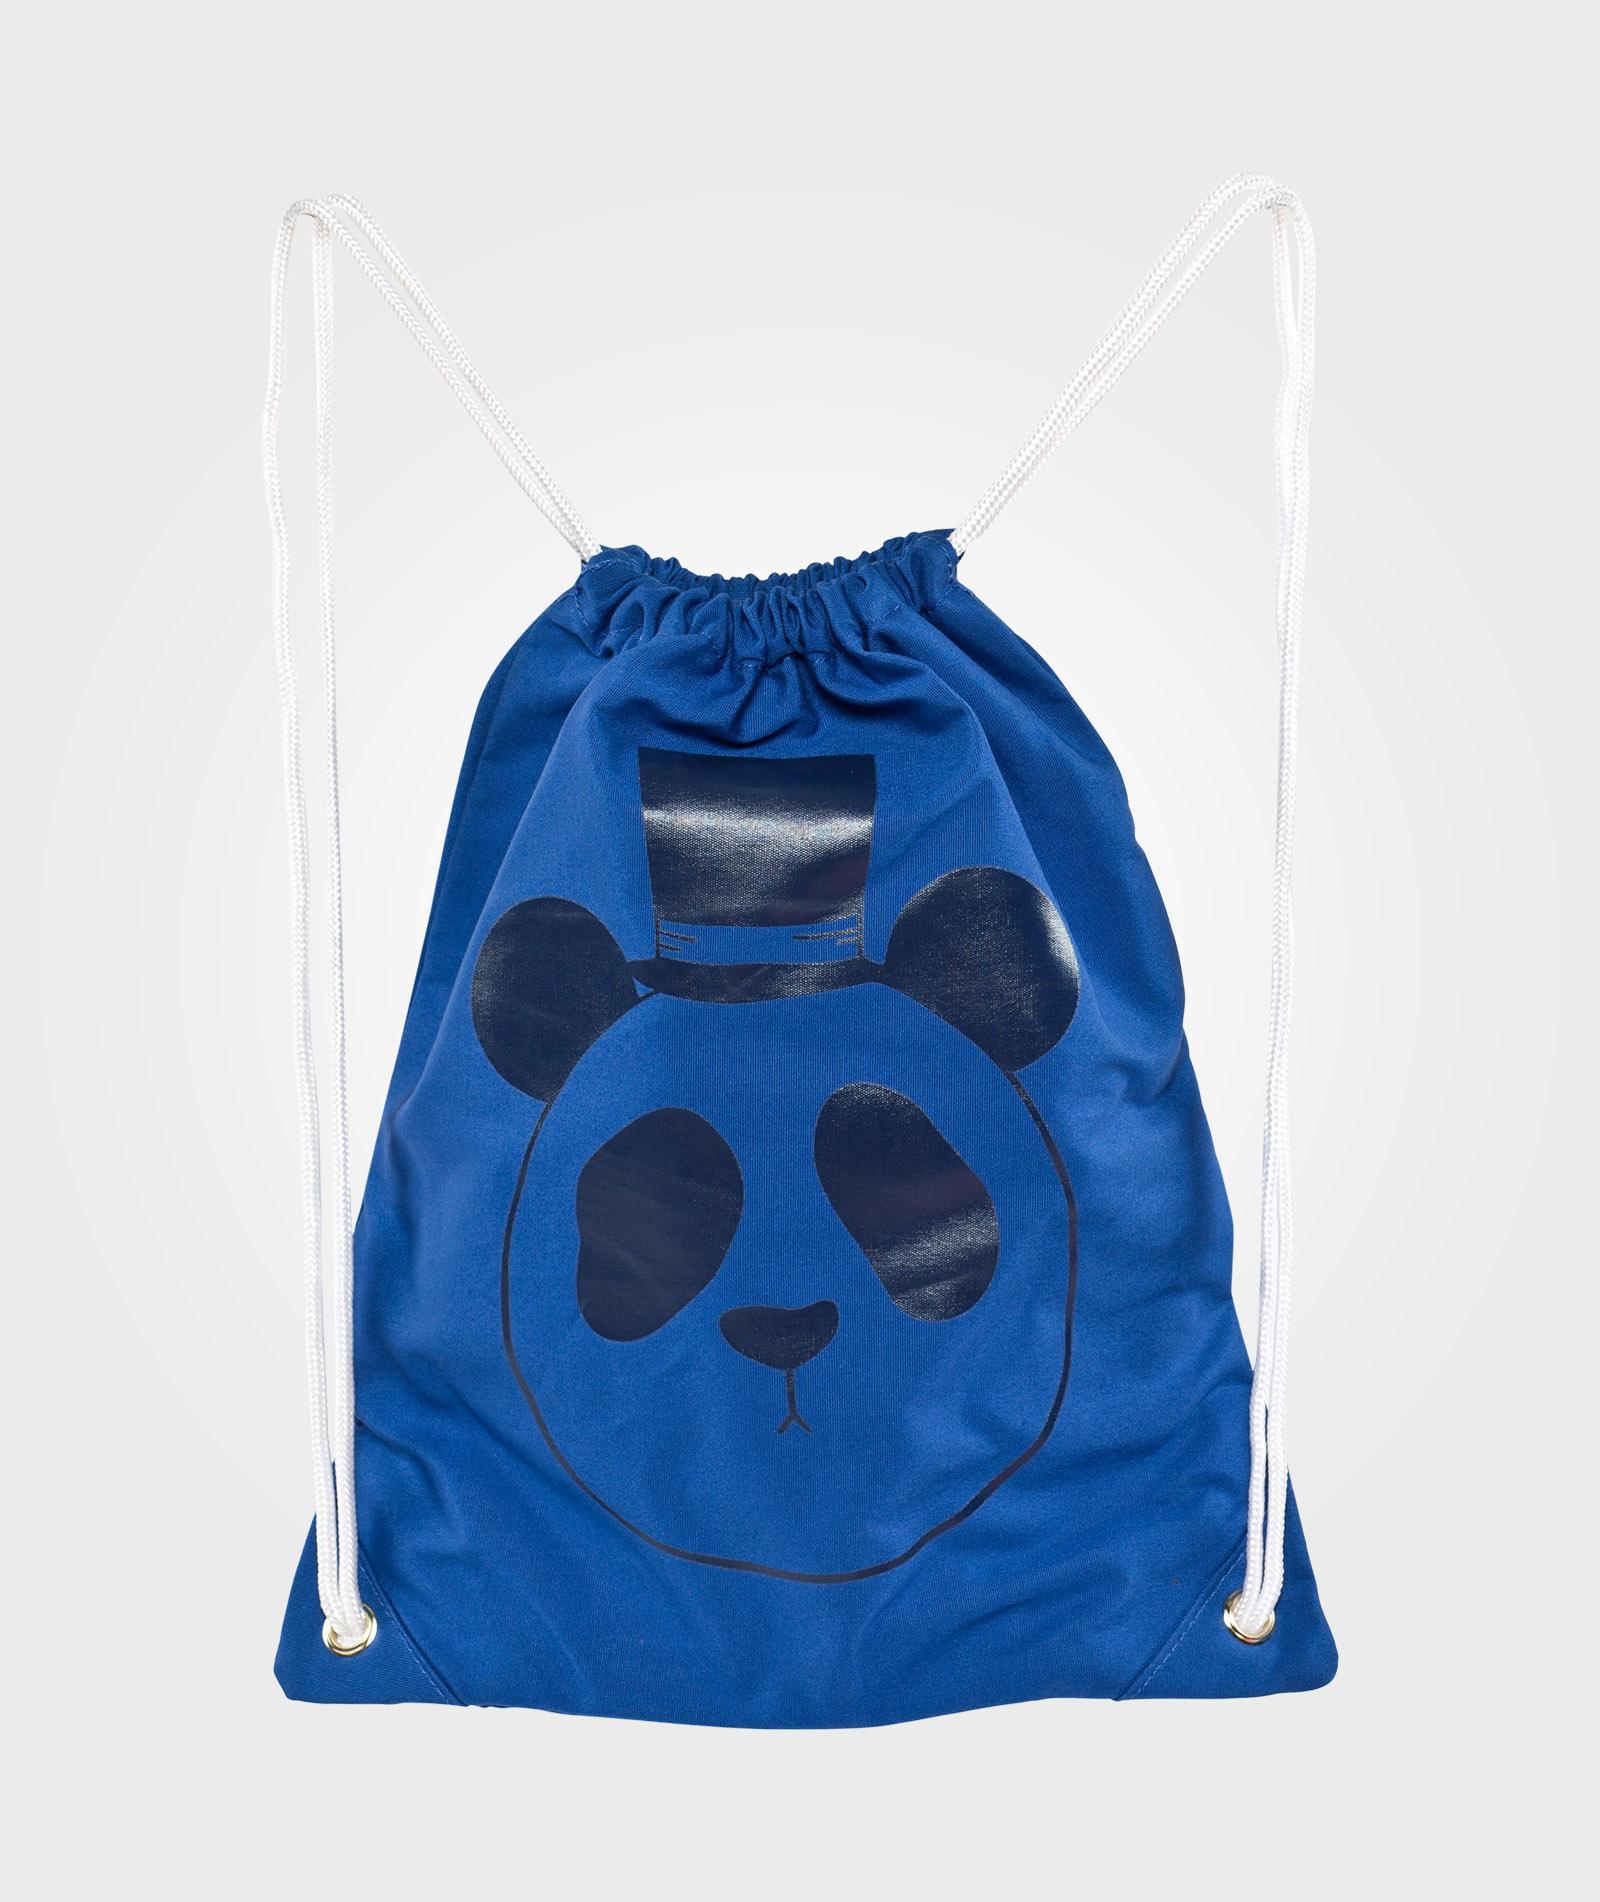 svenska barnkläder - Sanna Fischer - Metro Mode f1bc9d92f5342